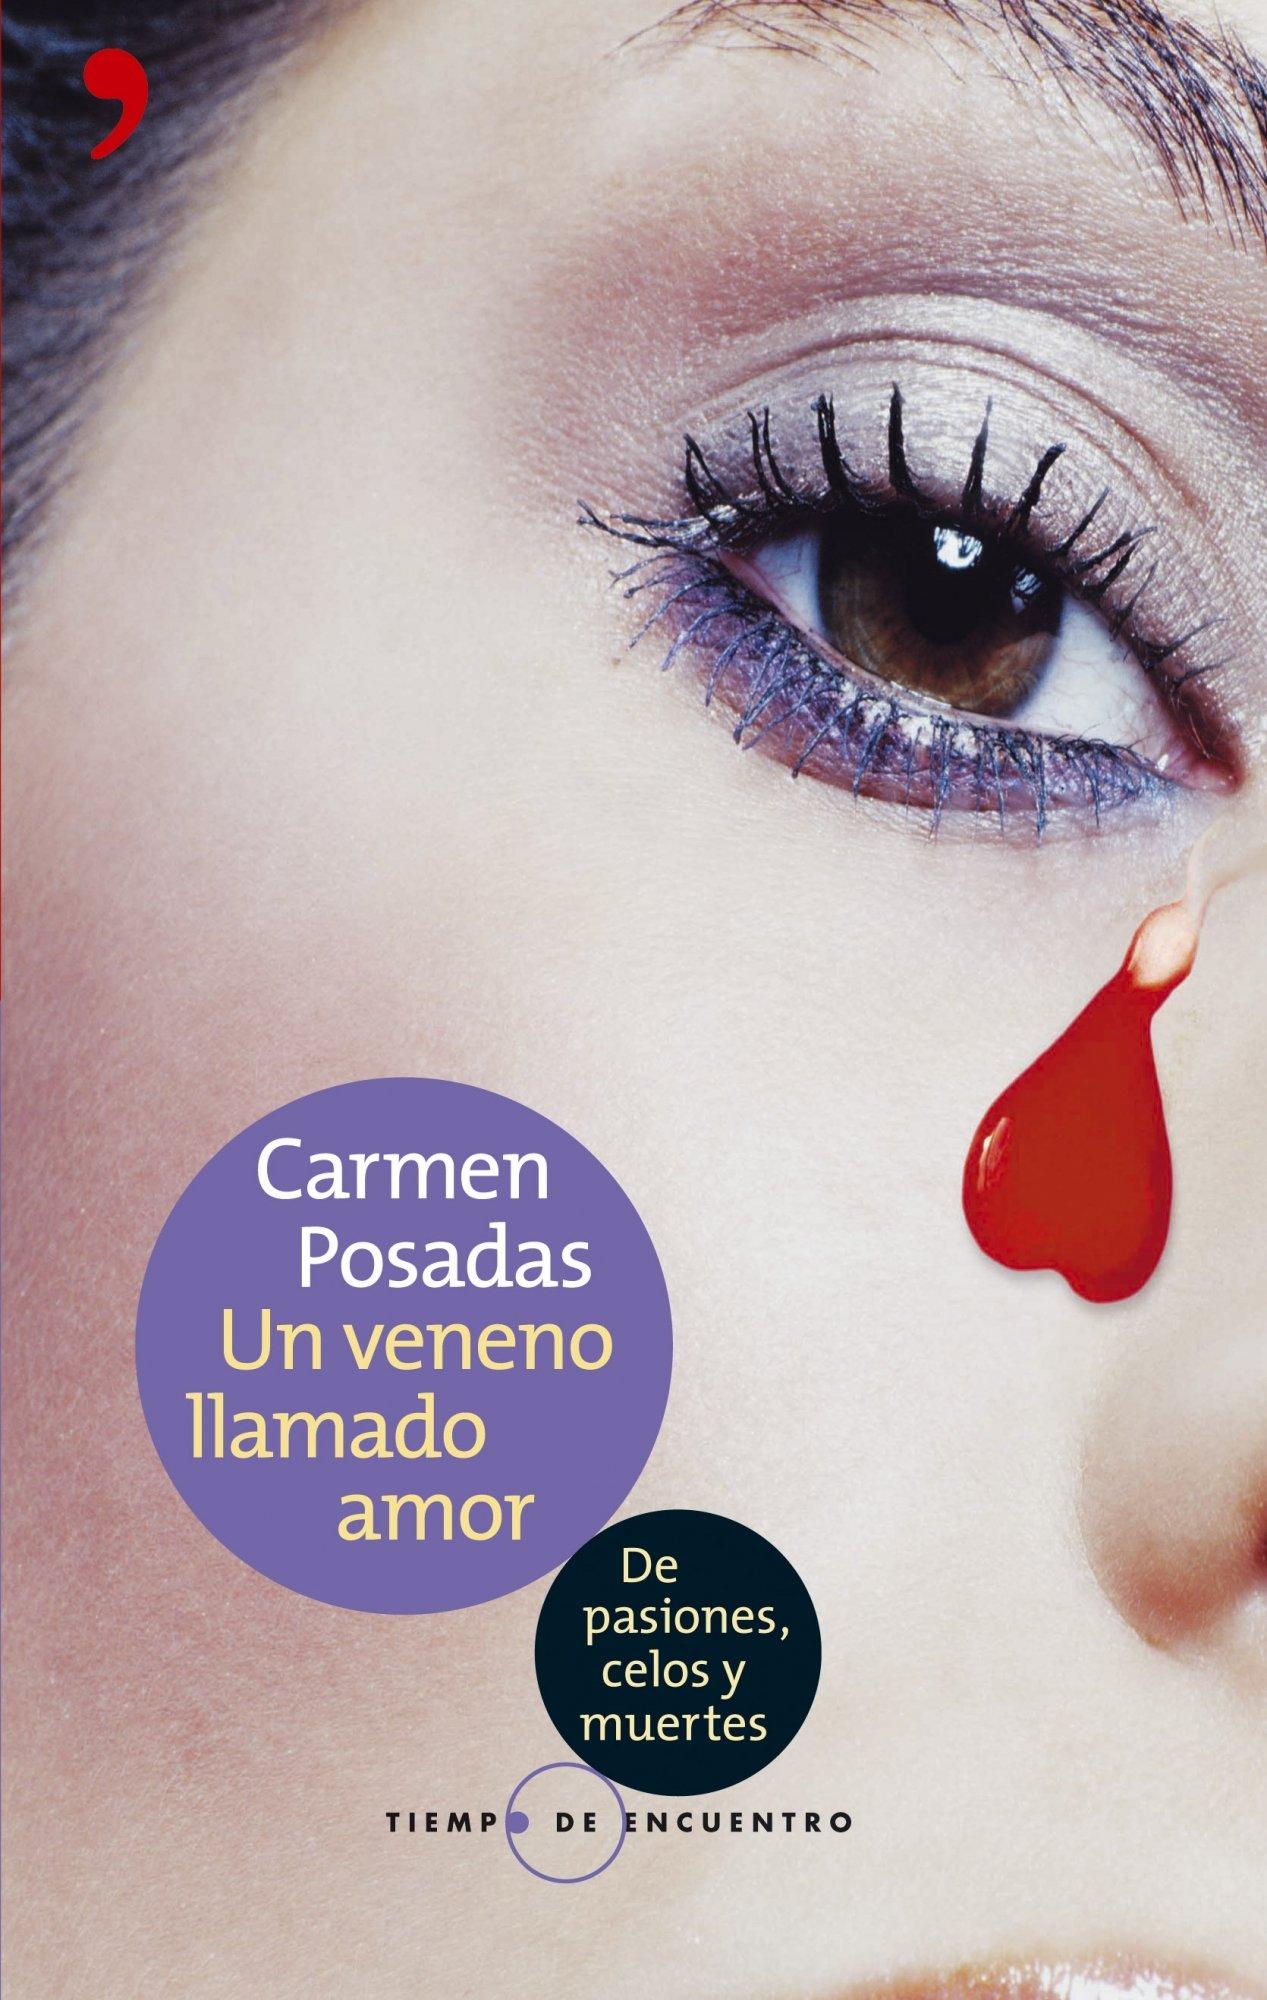 Un veneno llamado amor (Tiempo de Encuentro): Amazon.es: Carmen Posadas: Libros